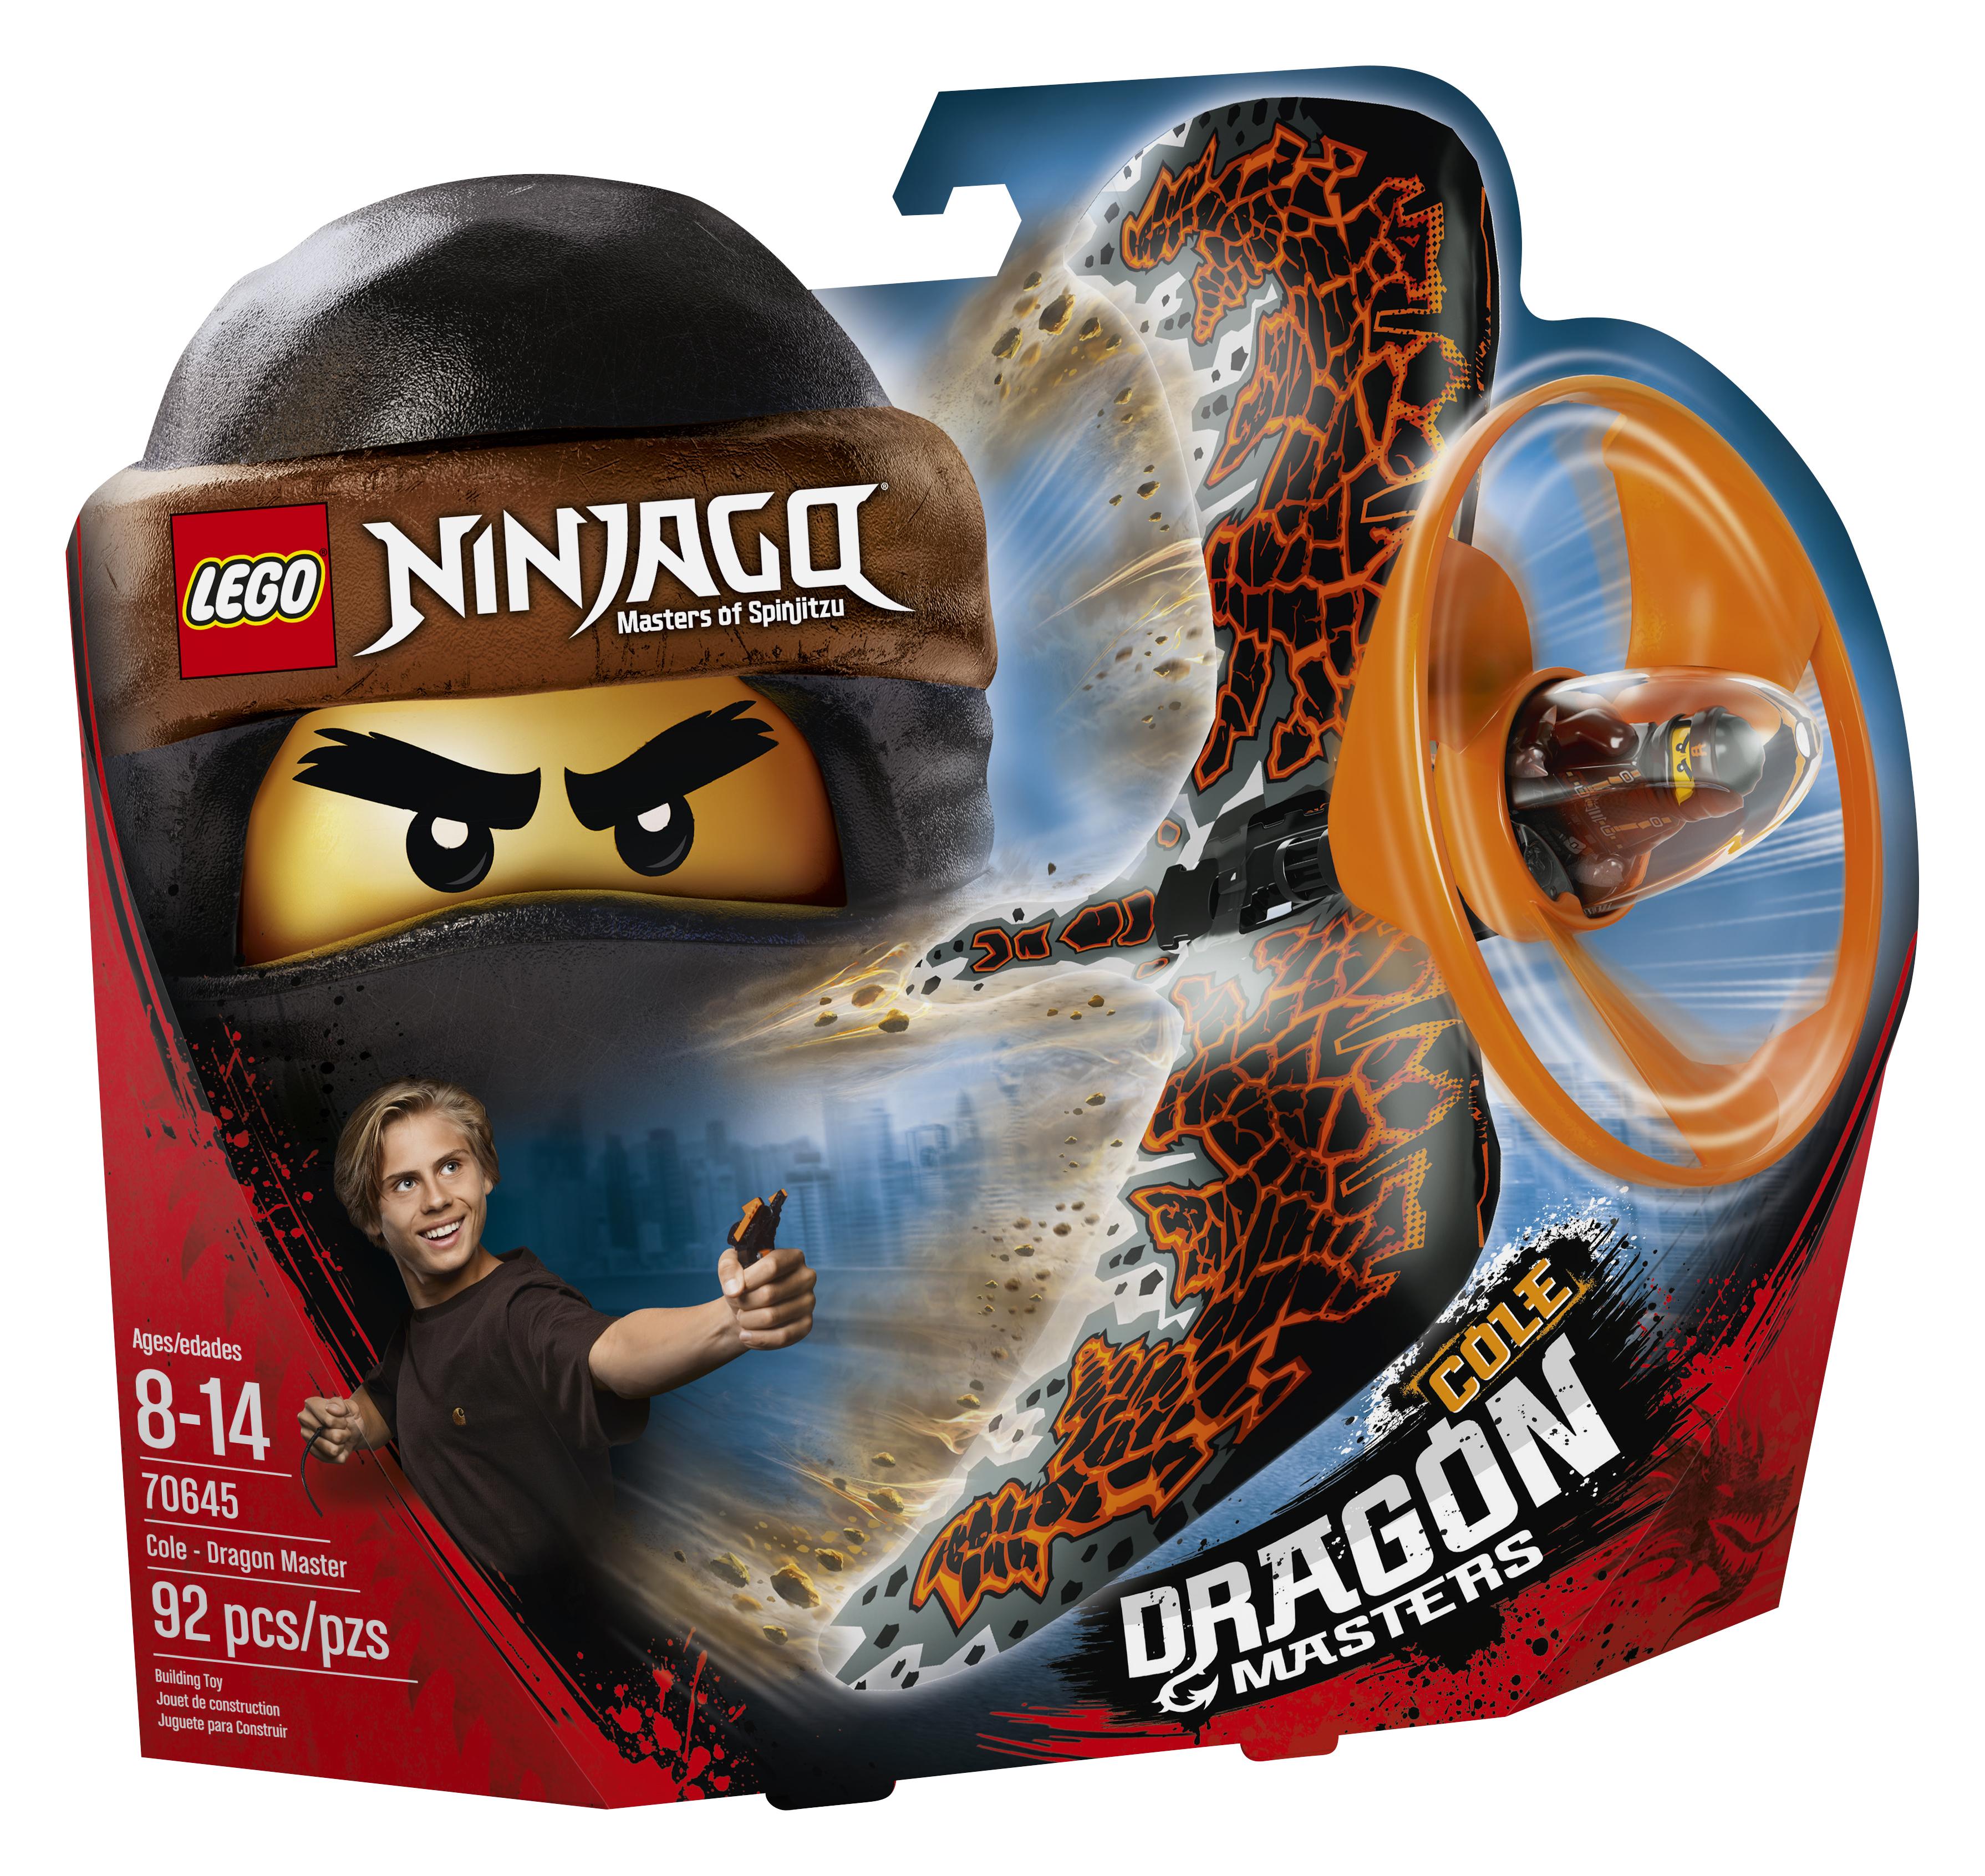 Конструктор LEGO Коул-Мастер дракона конструктор lego elves 41178 логово дракона